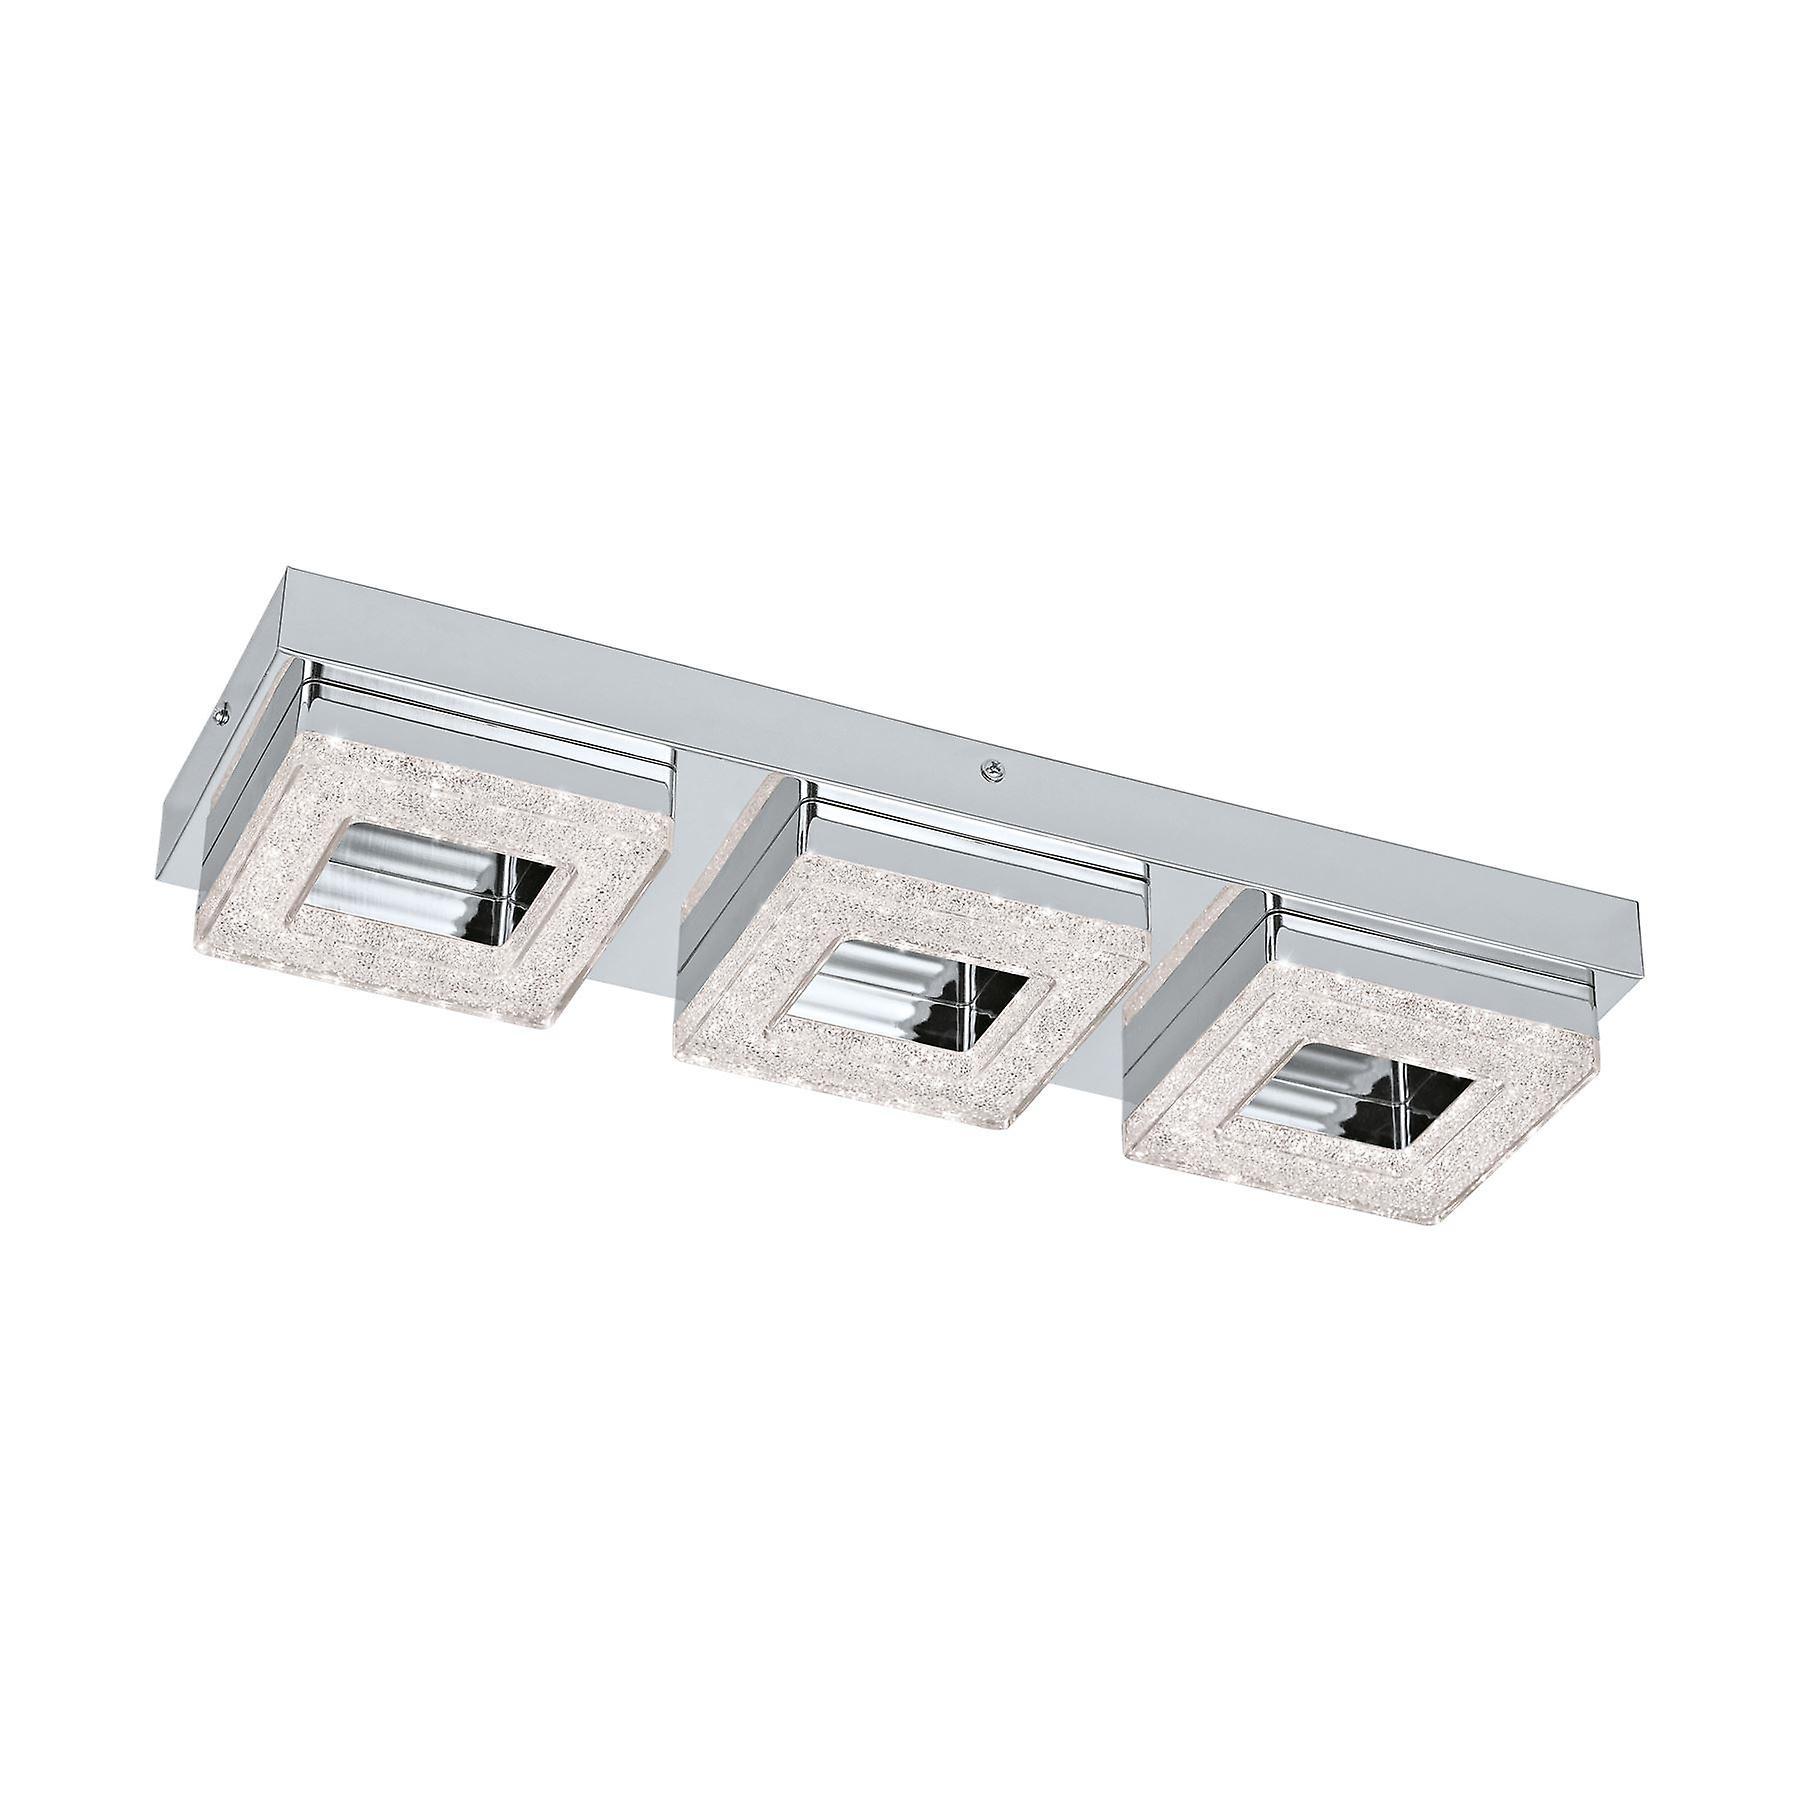 Eglo - Fradelo Triple Square LED Crystal Ceiling Fitting EG95656